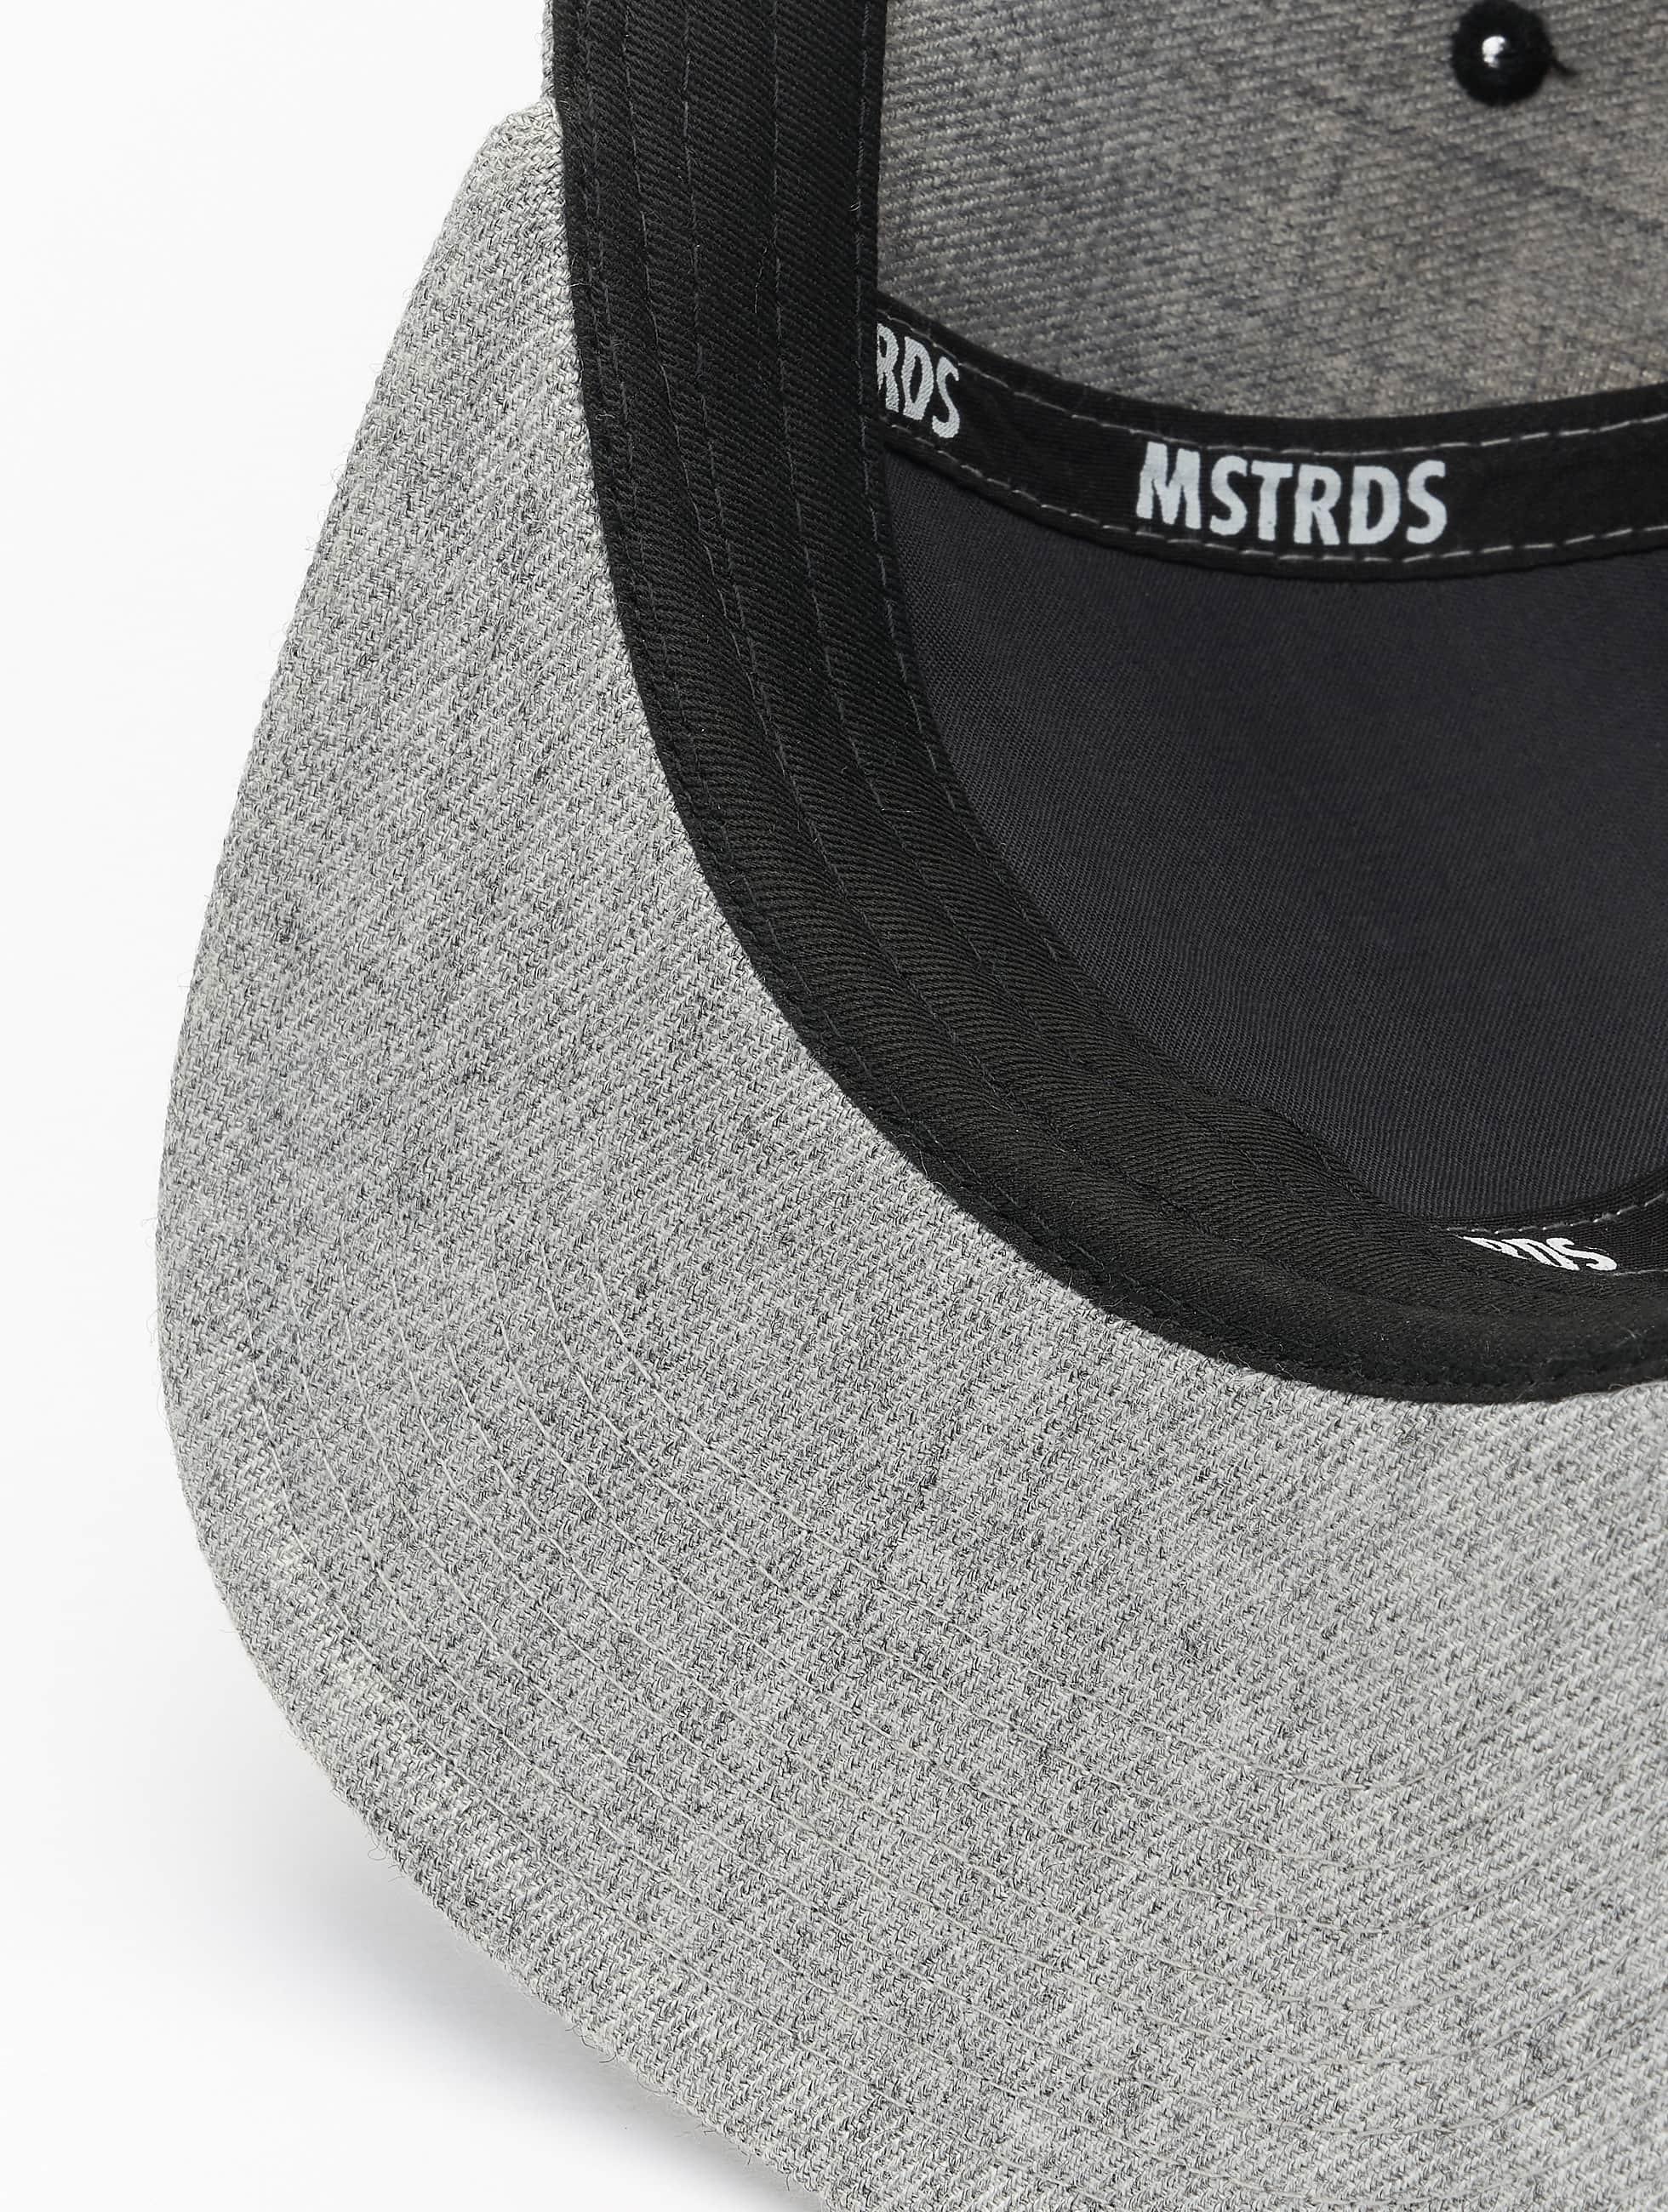 MSTRDS Casquette Snapback & Strapback L Letter gris